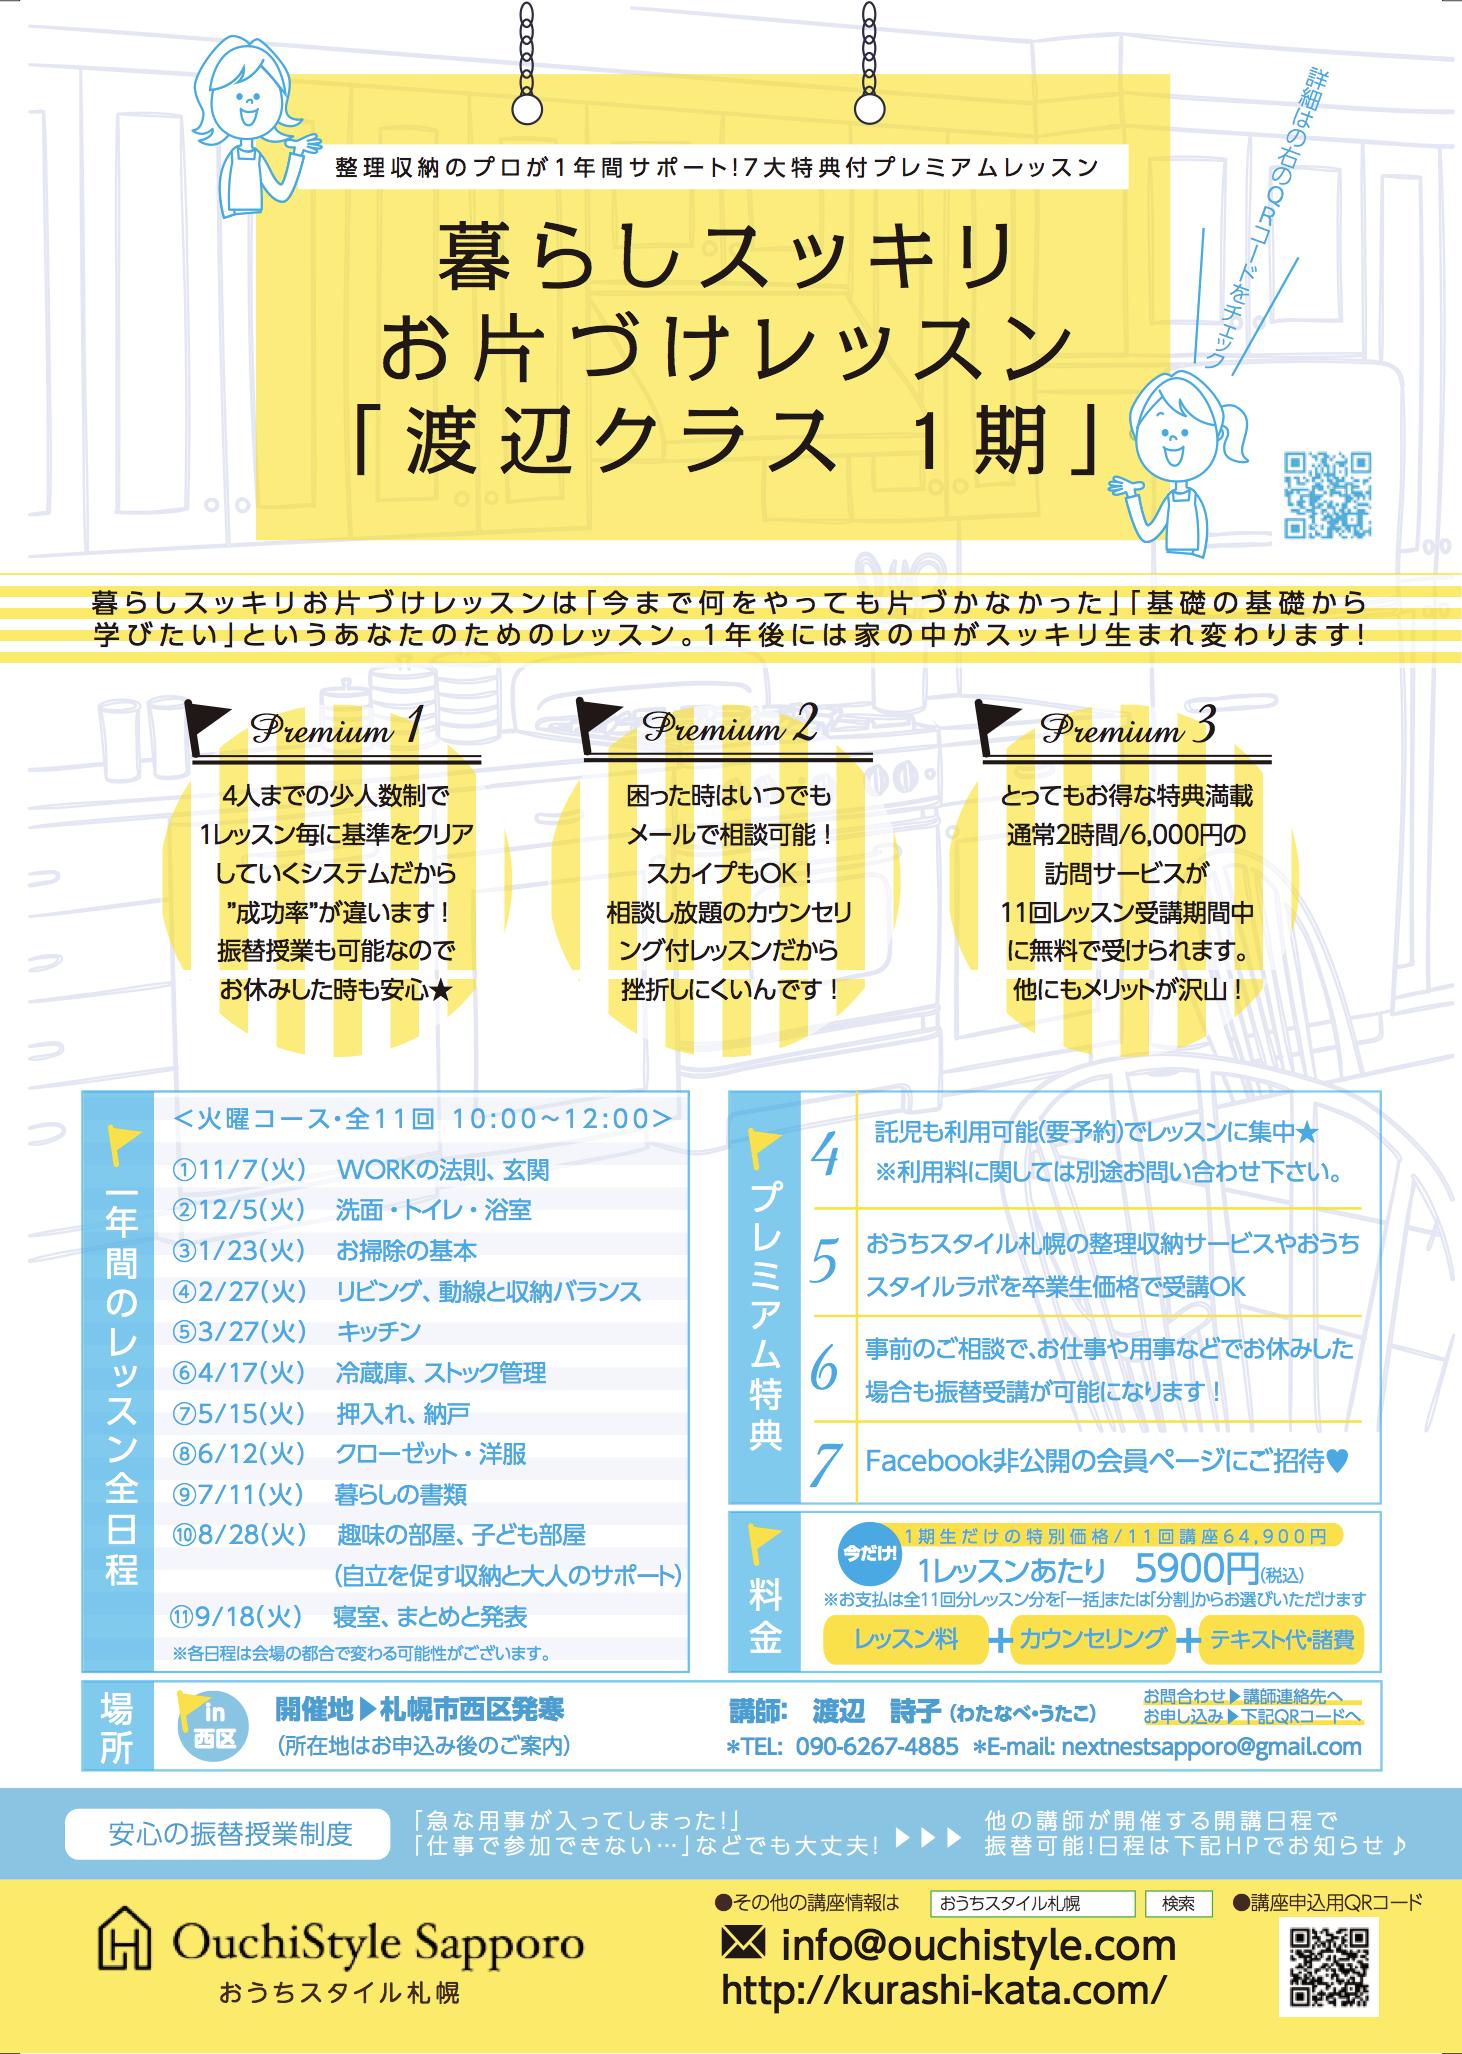 渡辺クラス開催